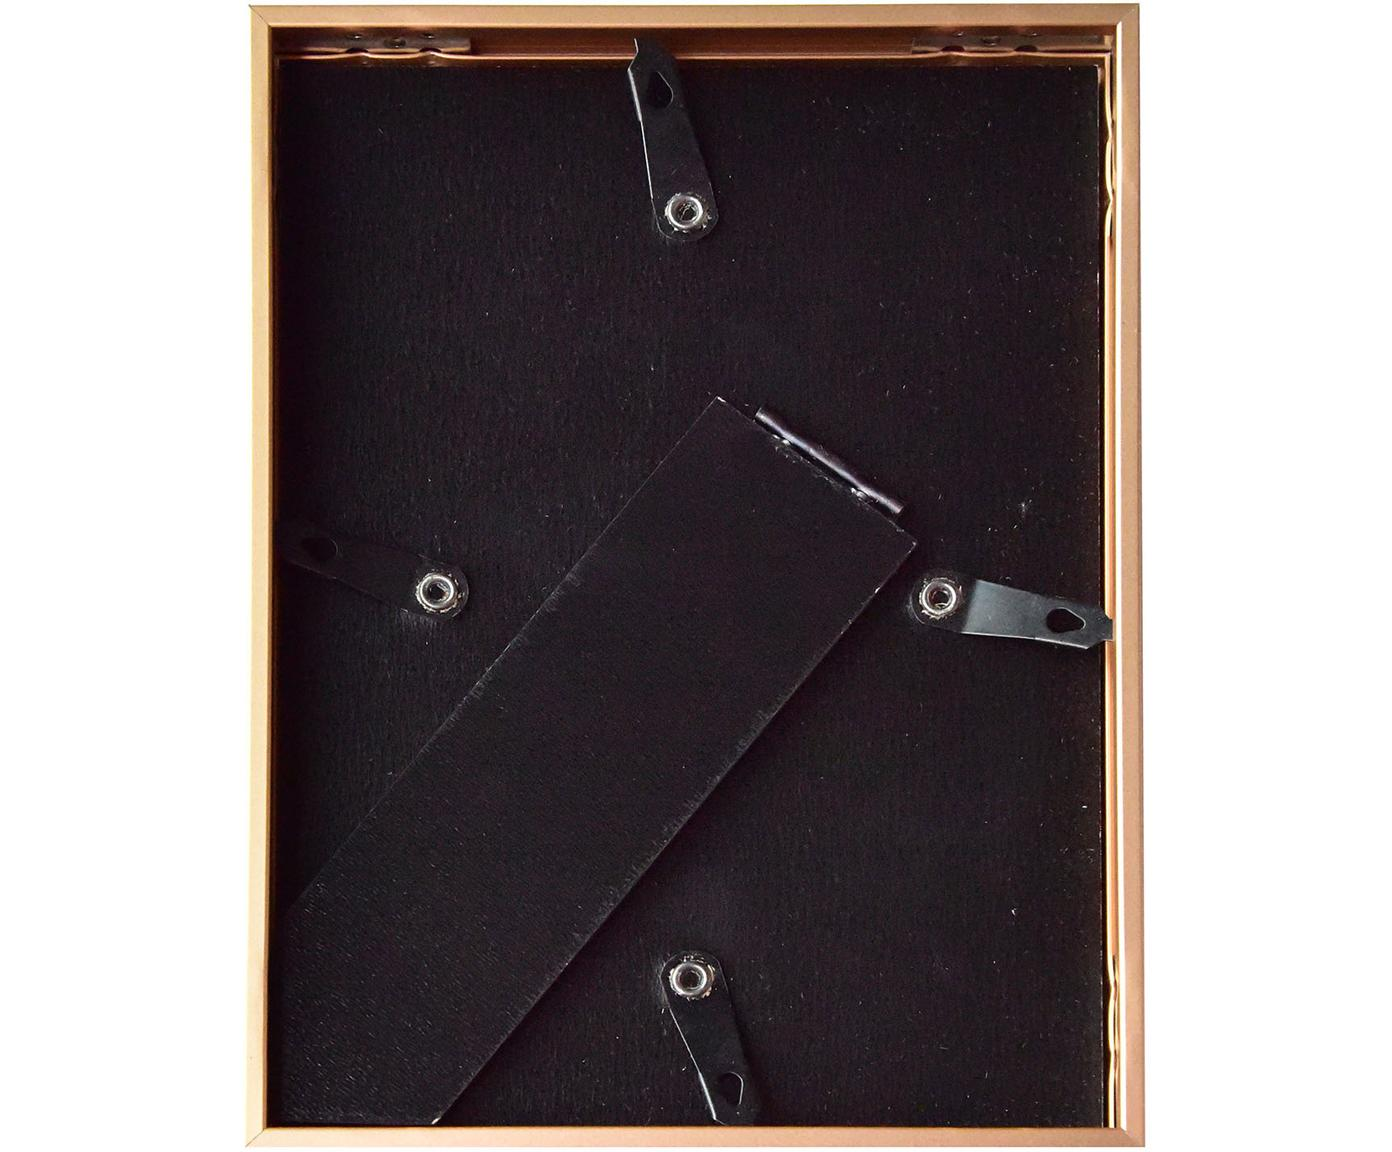 Bilderrahmen Accent, Rahmen: Aluminium, beschichtet, Front: Glas, Rückseite: Mitteldichte Holzfaserpla, Schwarz, 15 x 20 cm